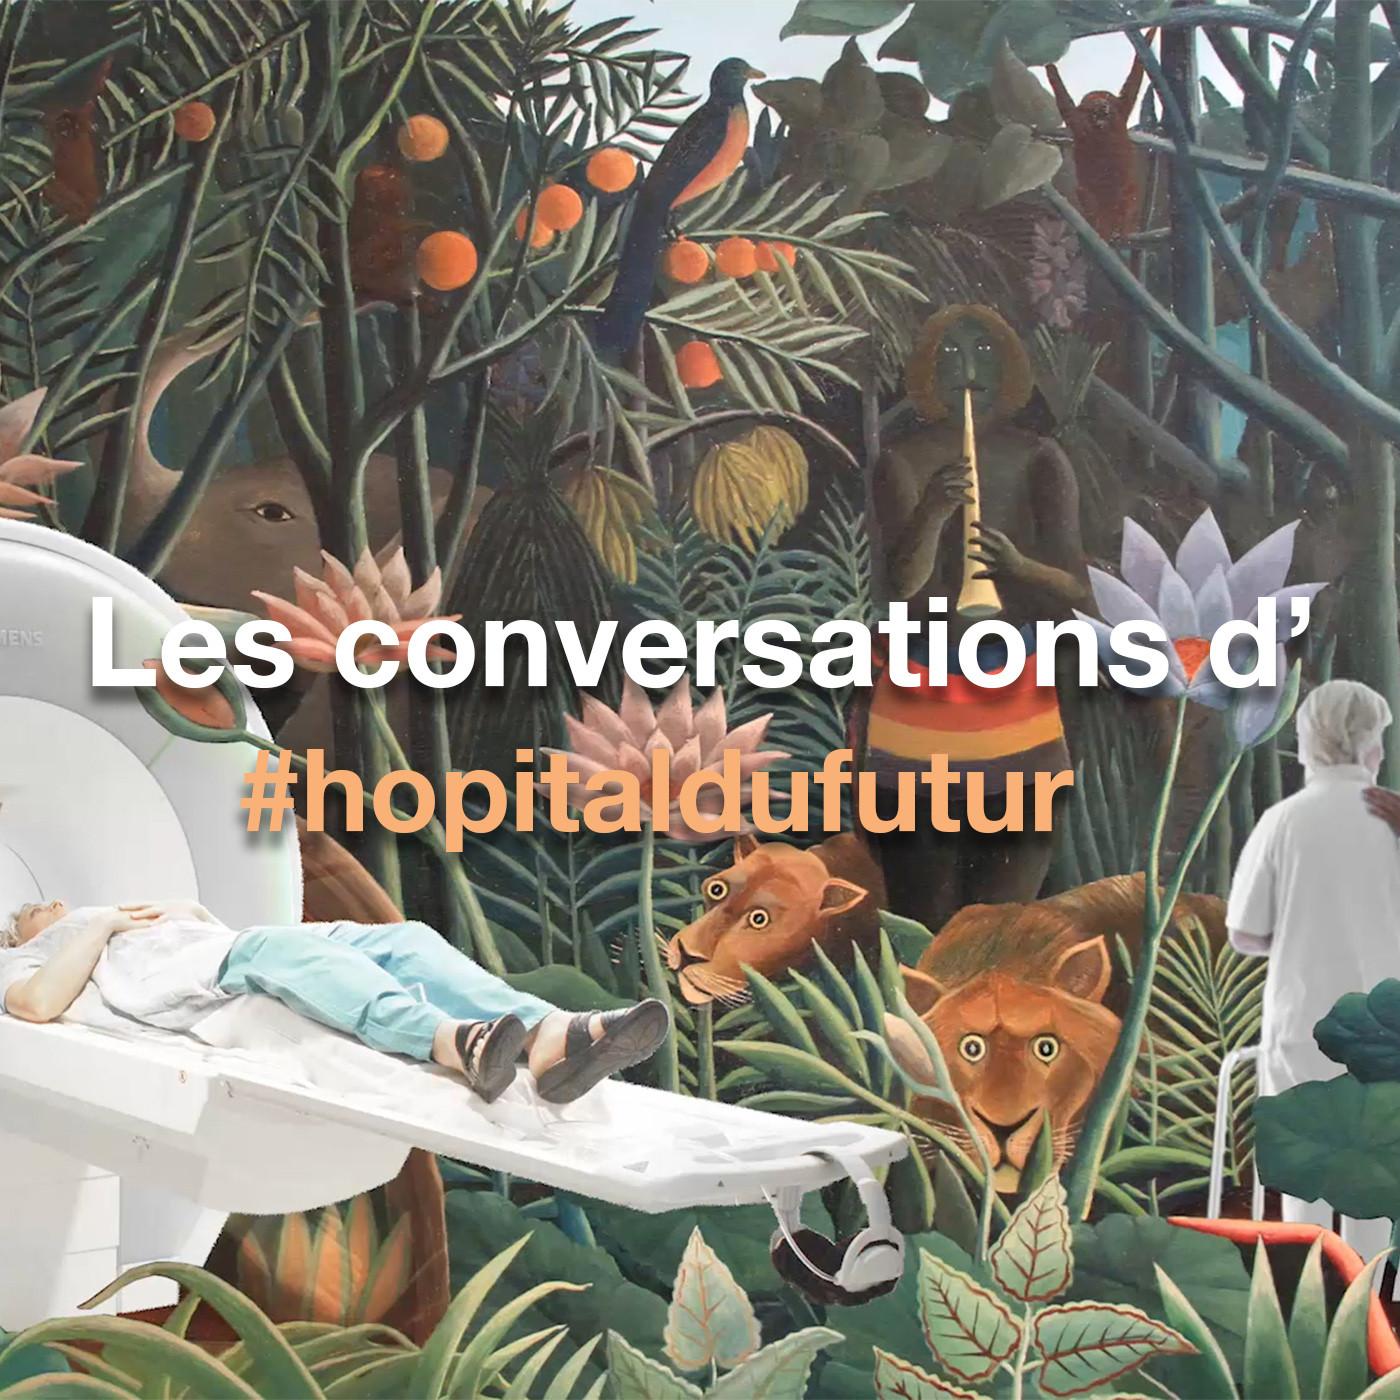 Les Conversations d'hopitaldufutur